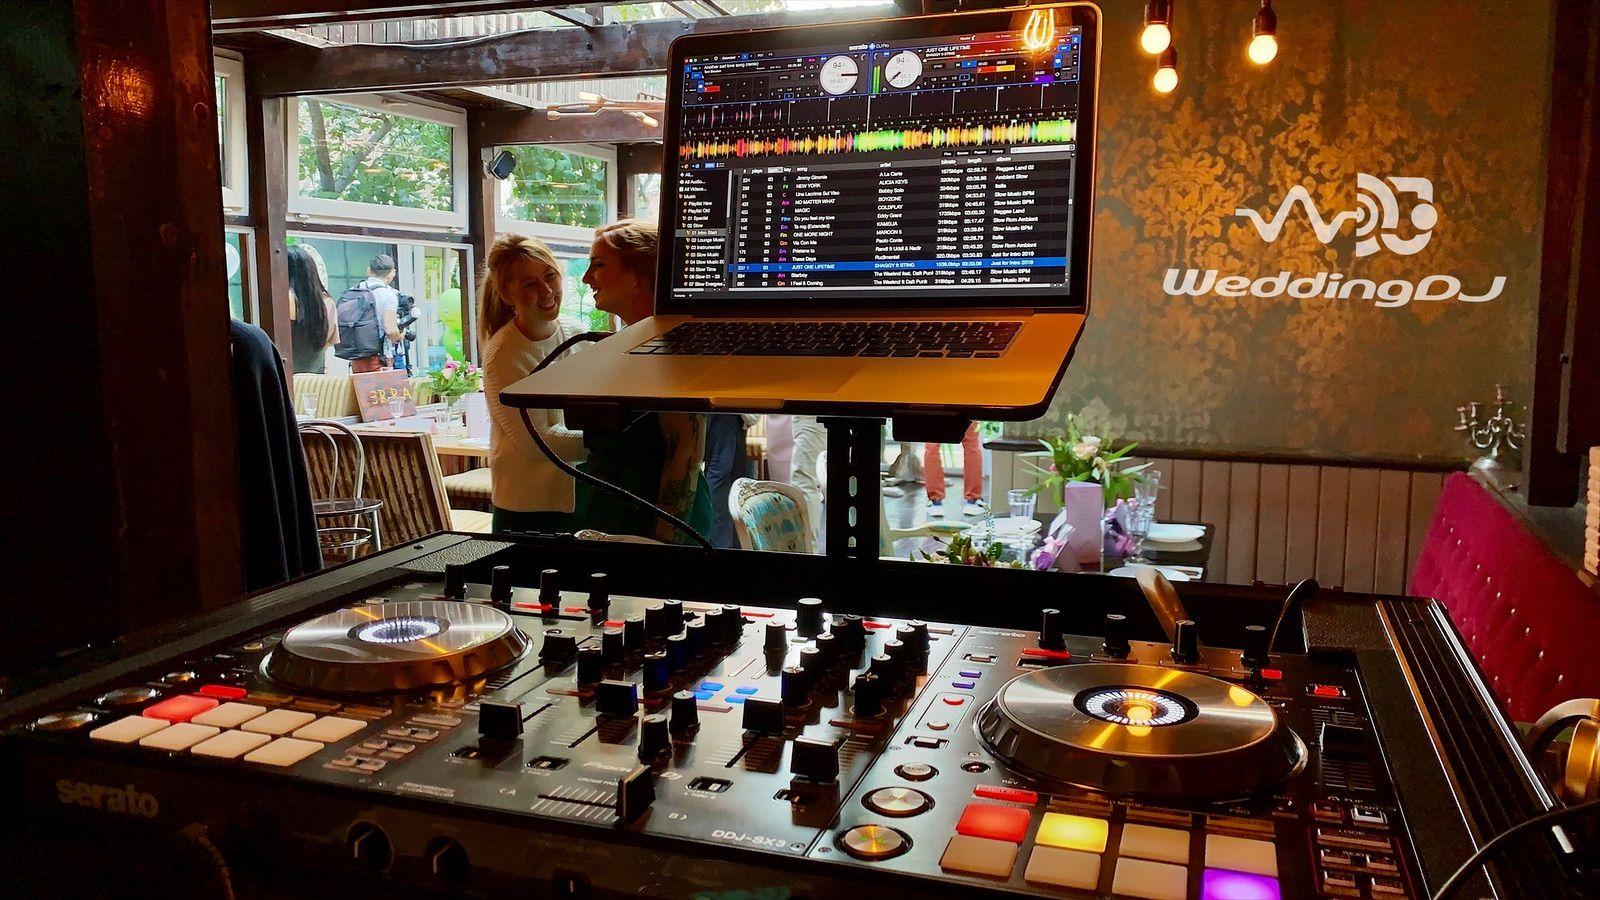 Booking : +40 721 469 837       office@weddingdj.ro #nunta #botez #trupa #formatie #corporate  #arhitectural #music #nunta2020 #nunta2020 #dj #djevenimentebucuresti   Sound | Lights | DeeJay |  www.weddingdj.ro   Fie ca ai nevoie de un Dj pentru Nunta, Botez, Aniversarea a 25 ani de casatorie, fie ca ai un Business si vrei o petrecere de deschidere Wedding DJ este alegerea unui eveniment de succes